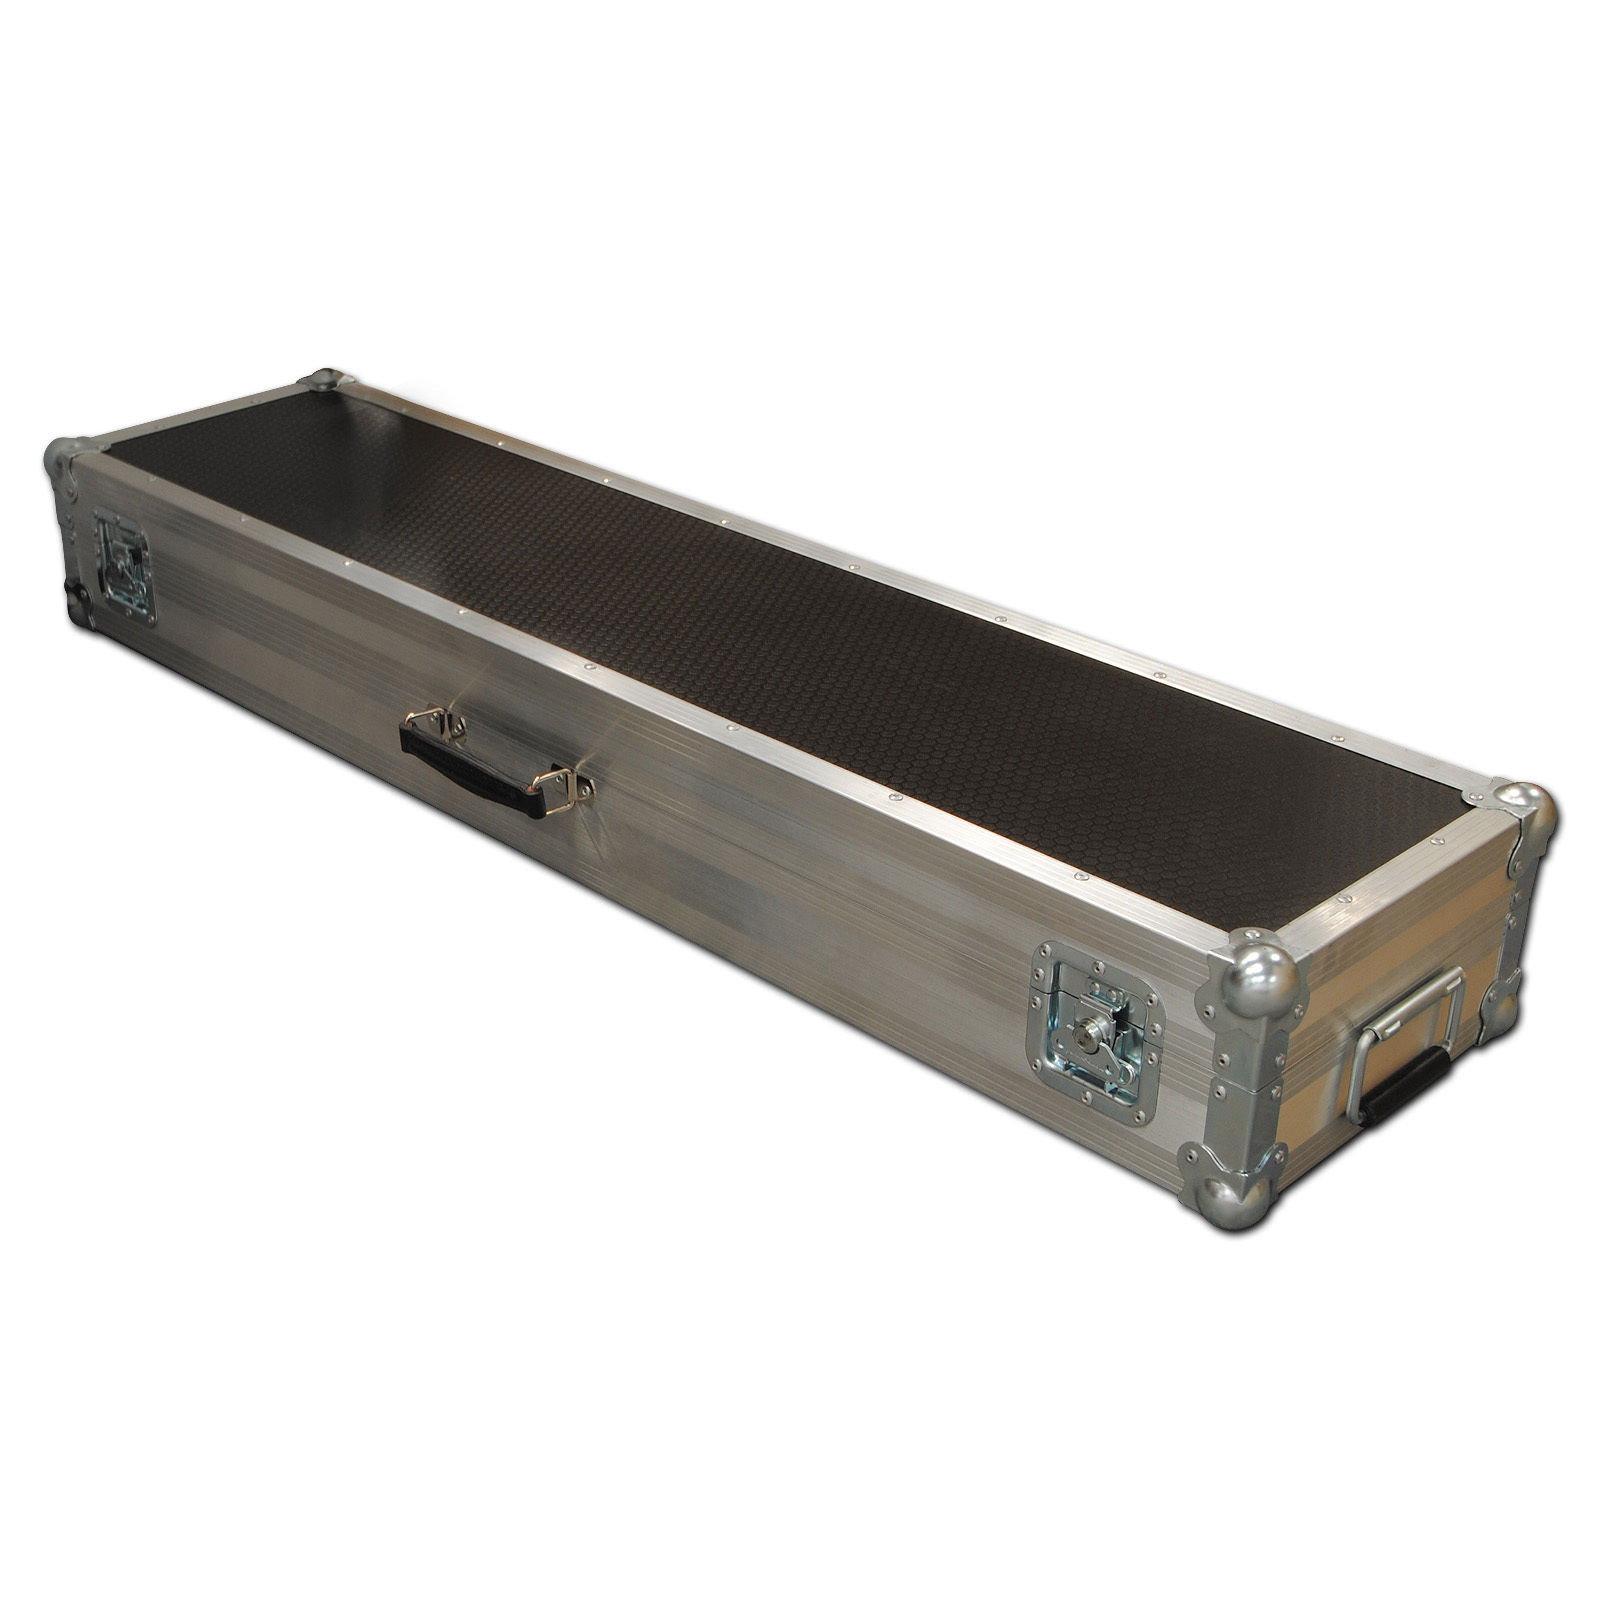 hard keyboard flight case for roland a88. Black Bedroom Furniture Sets. Home Design Ideas